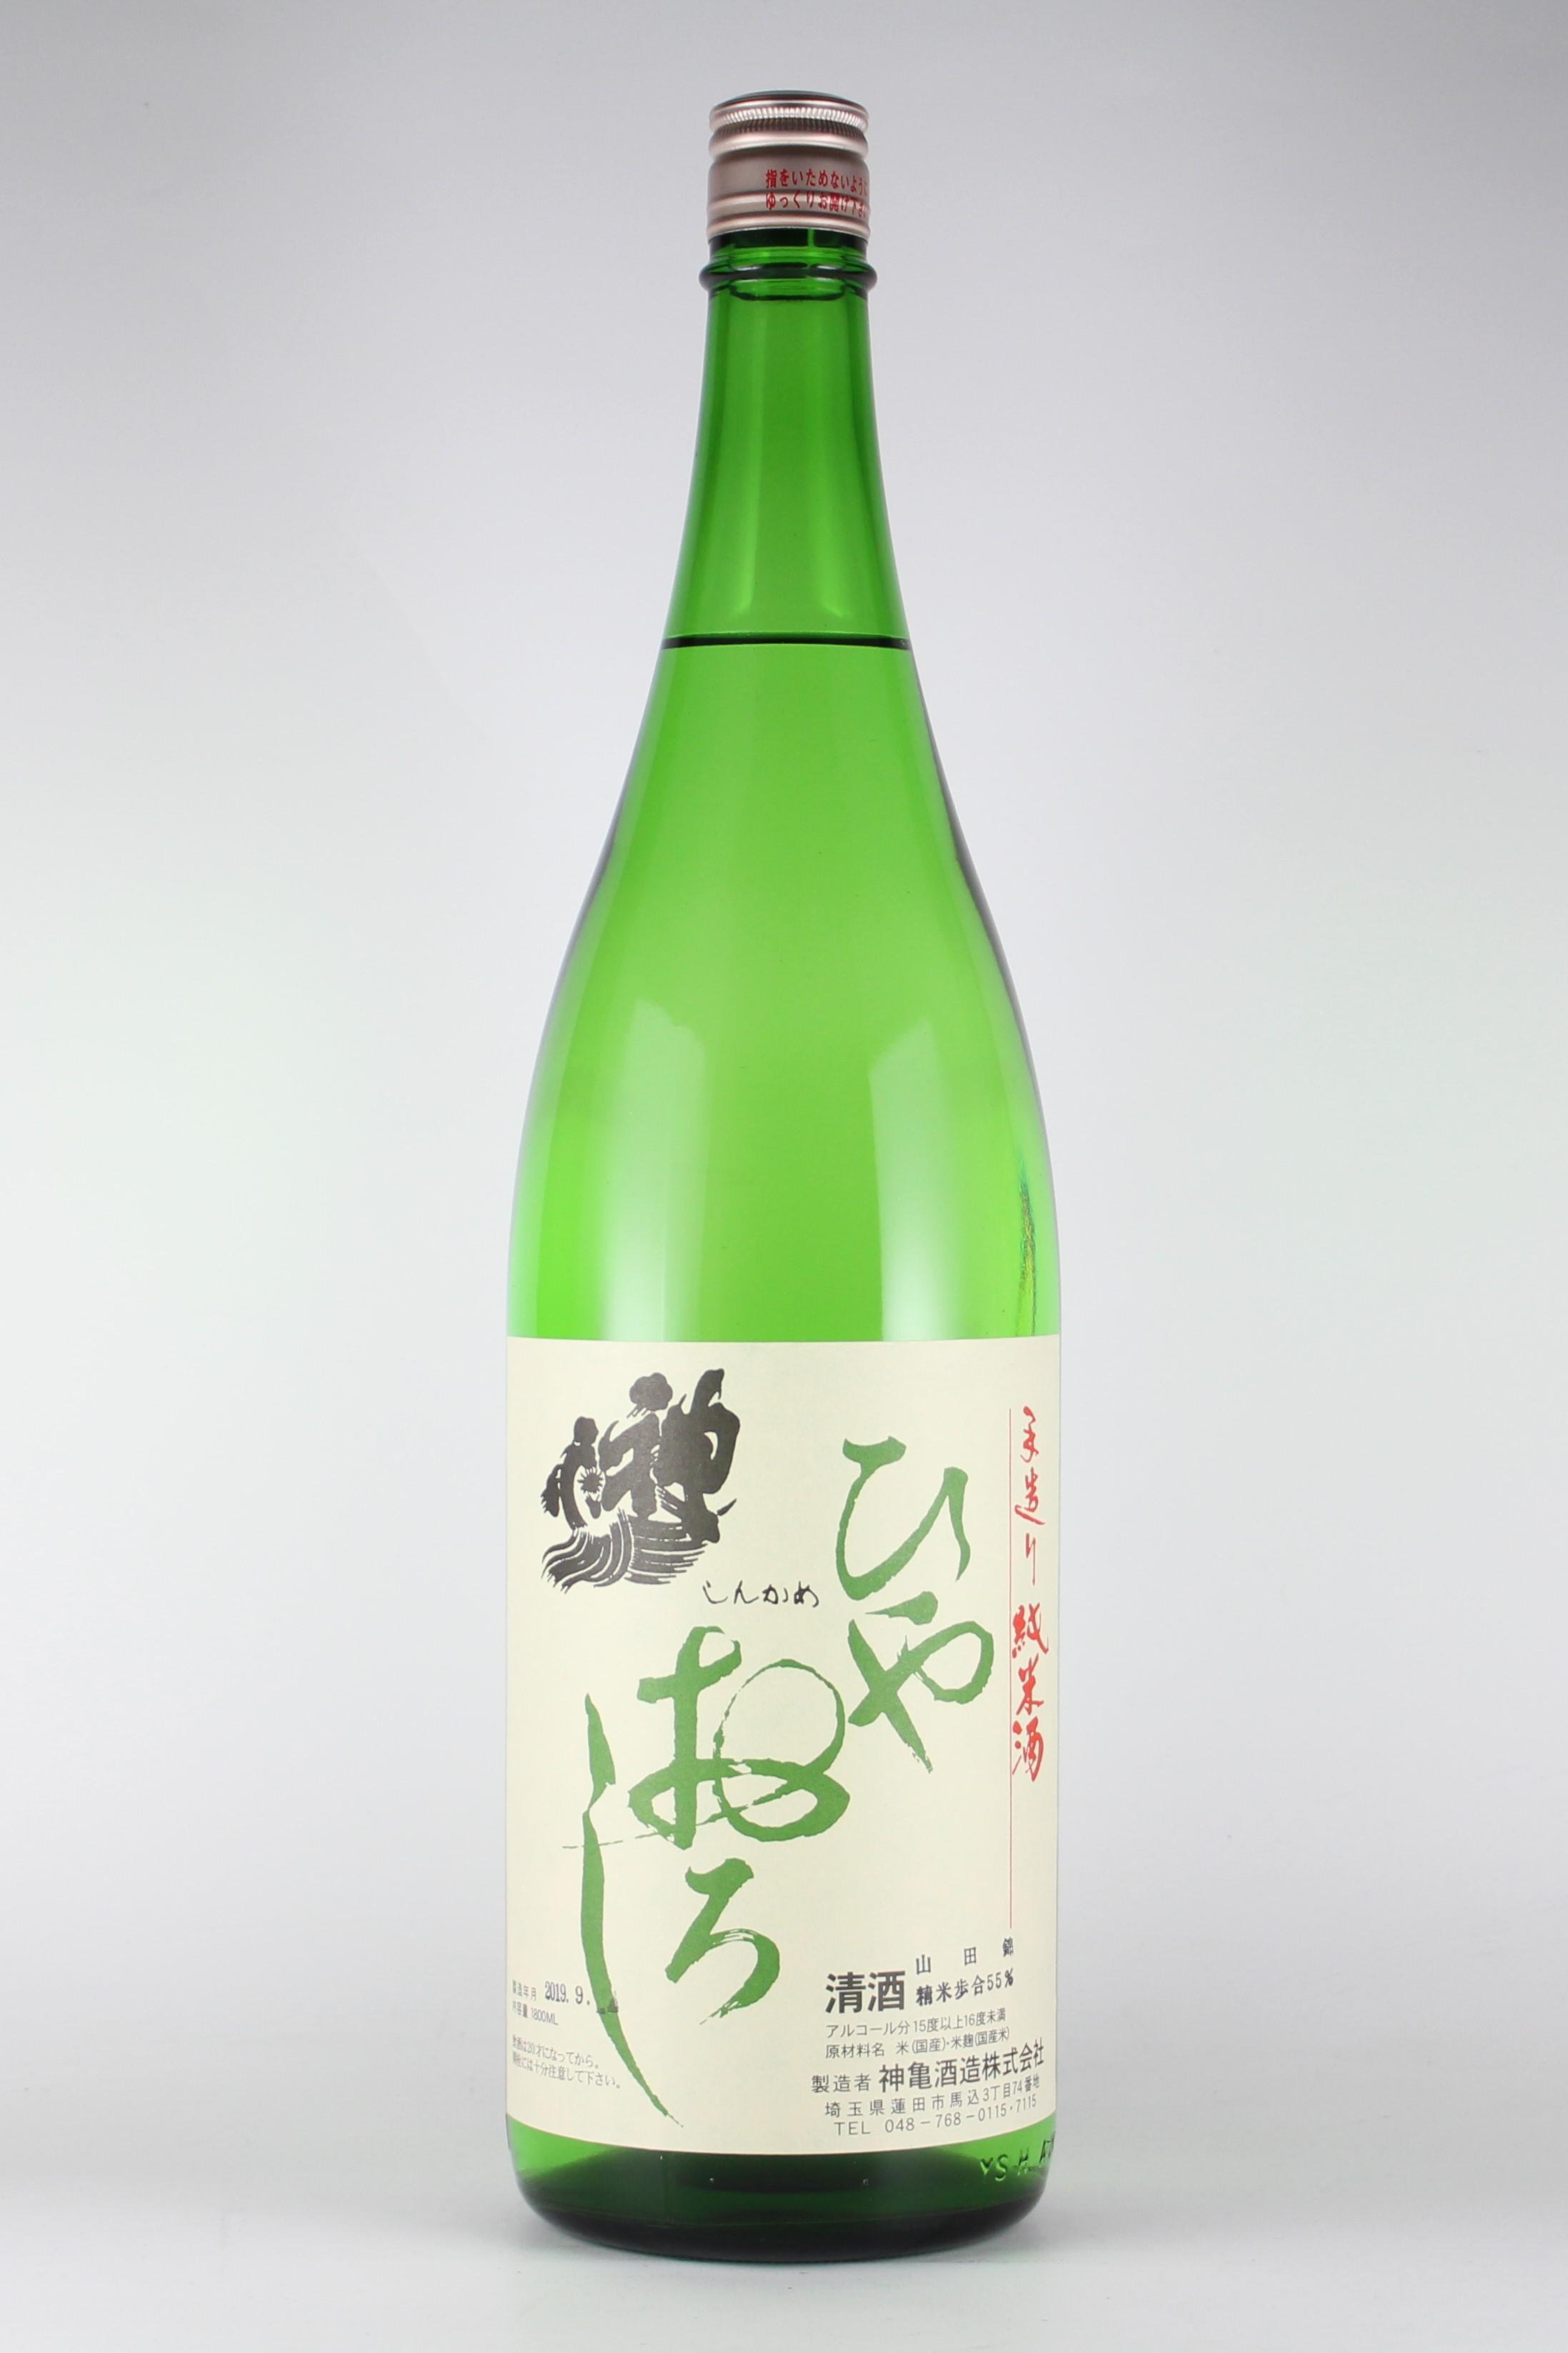 神亀2020 純米ひやおろし 山田錦 1800ml 【埼玉/神亀酒造】2019醸造年度